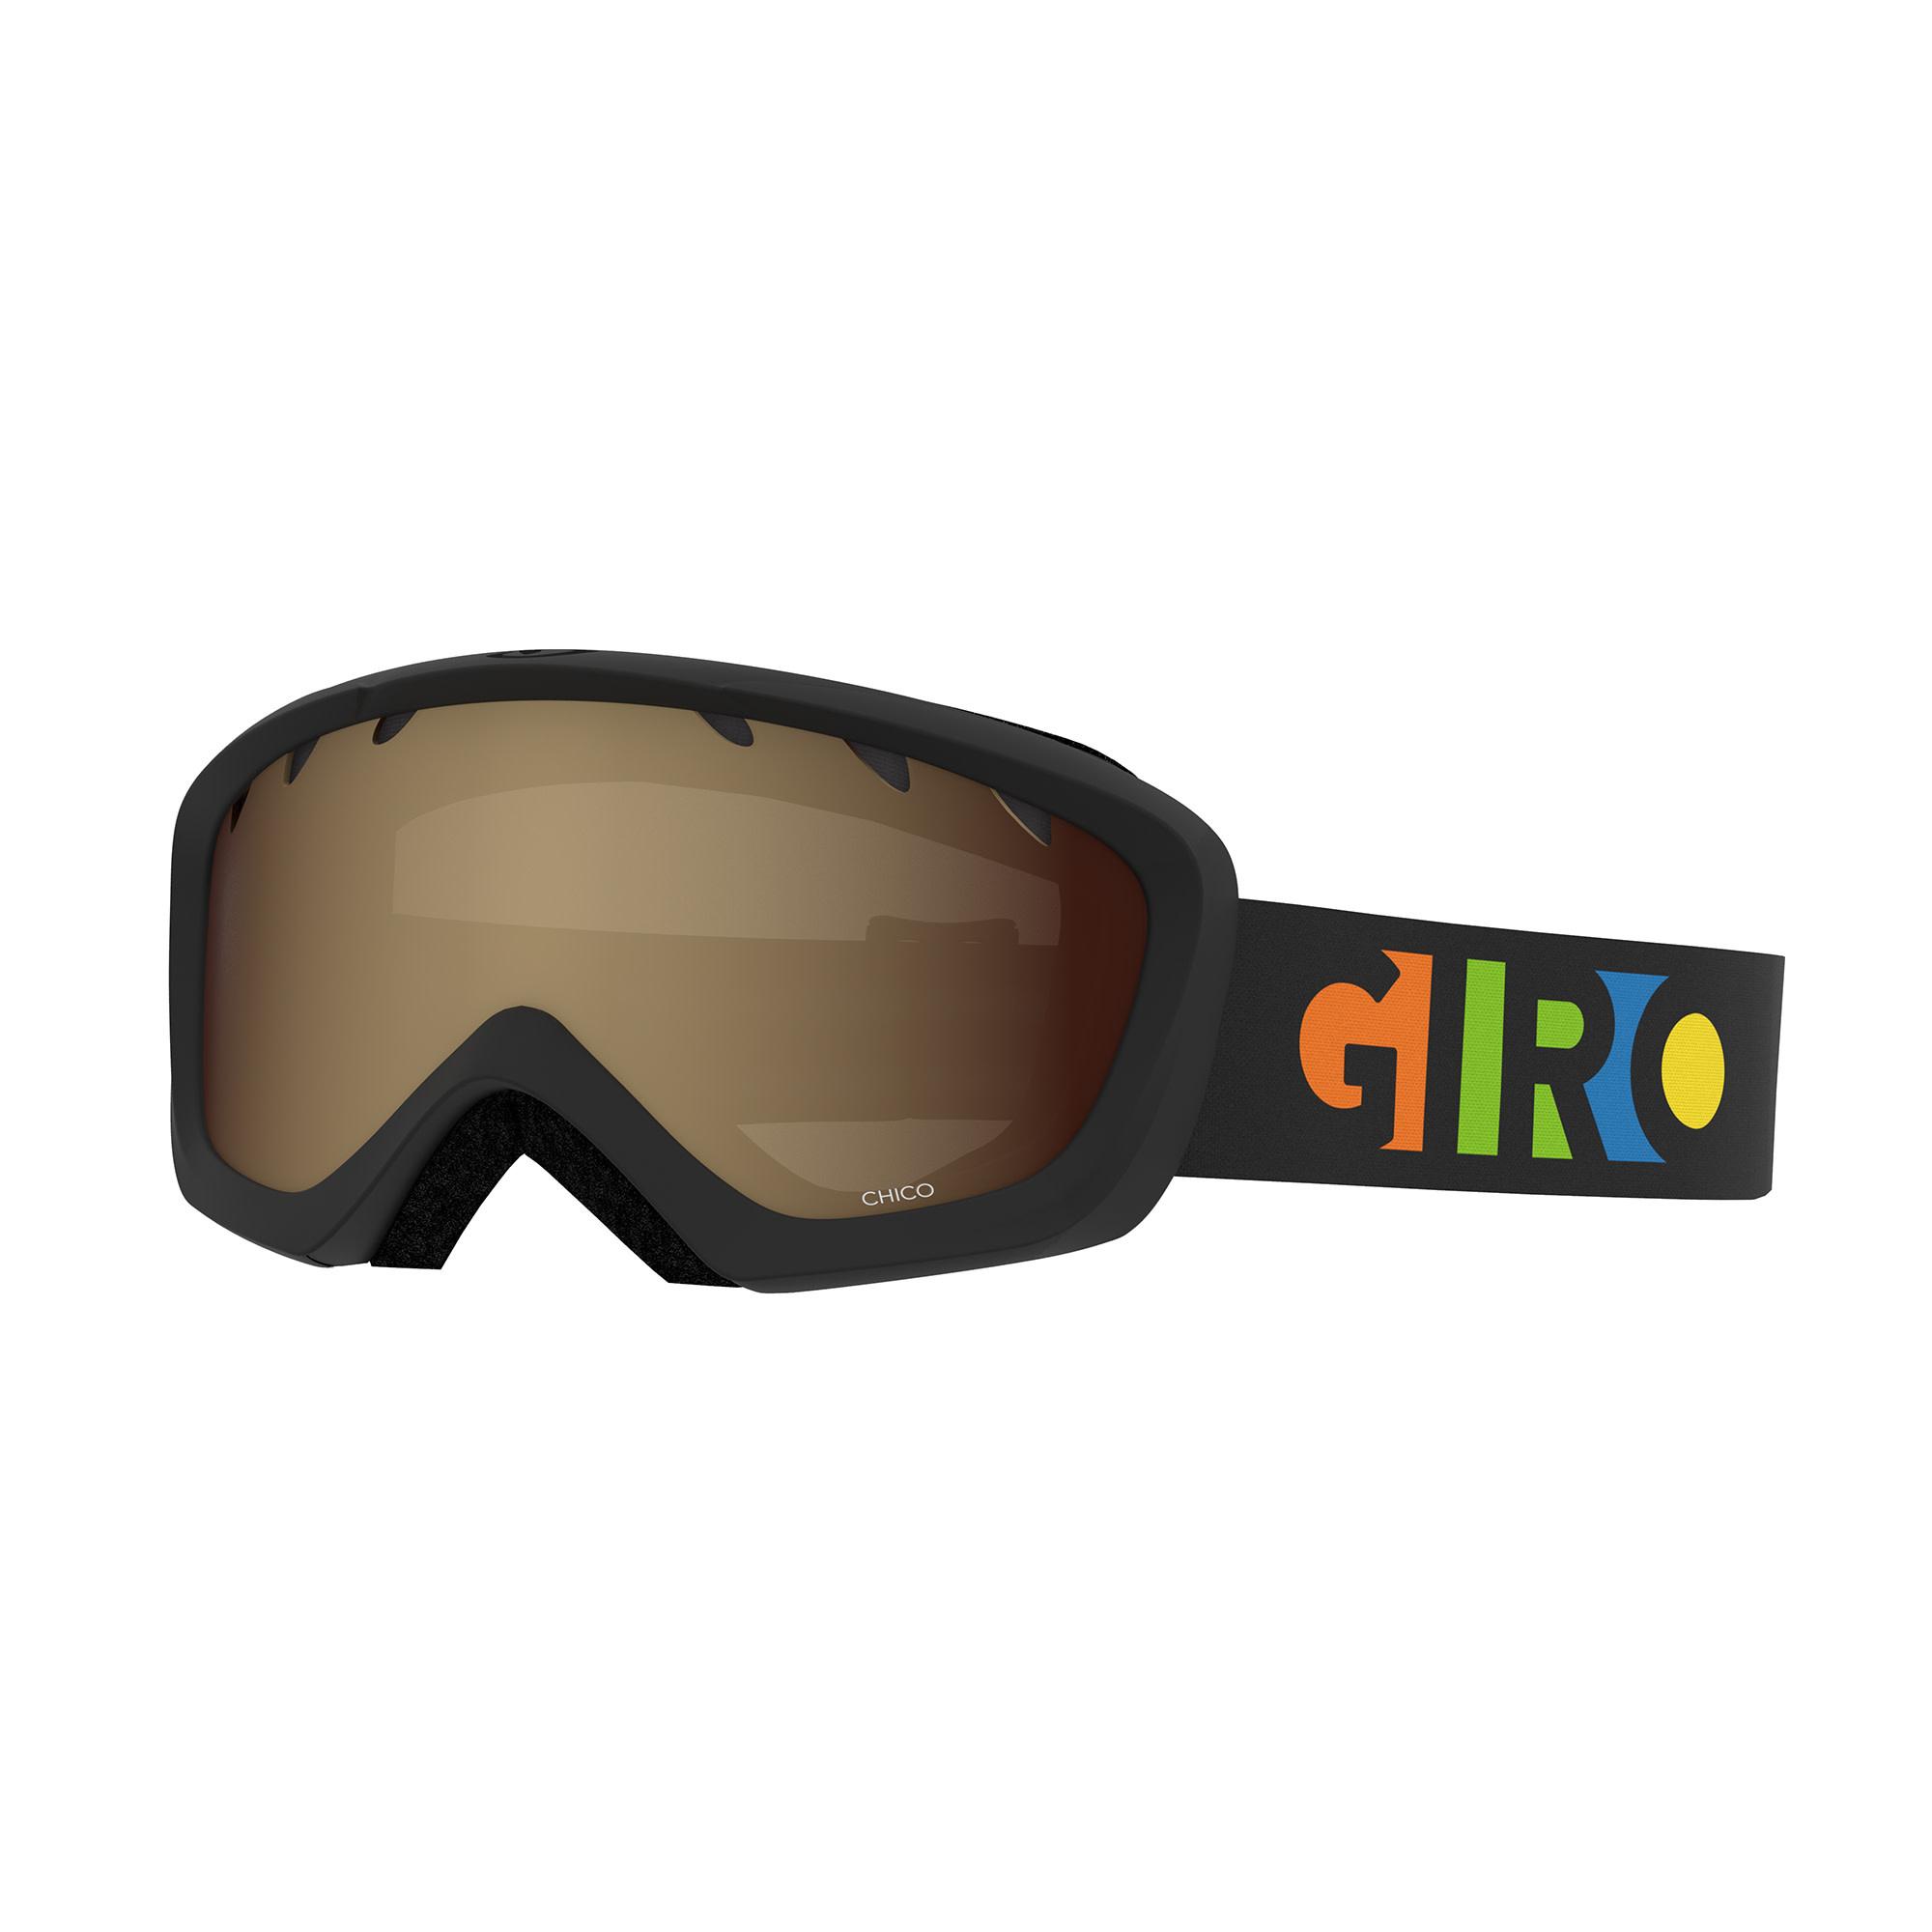 Giro Chico-4